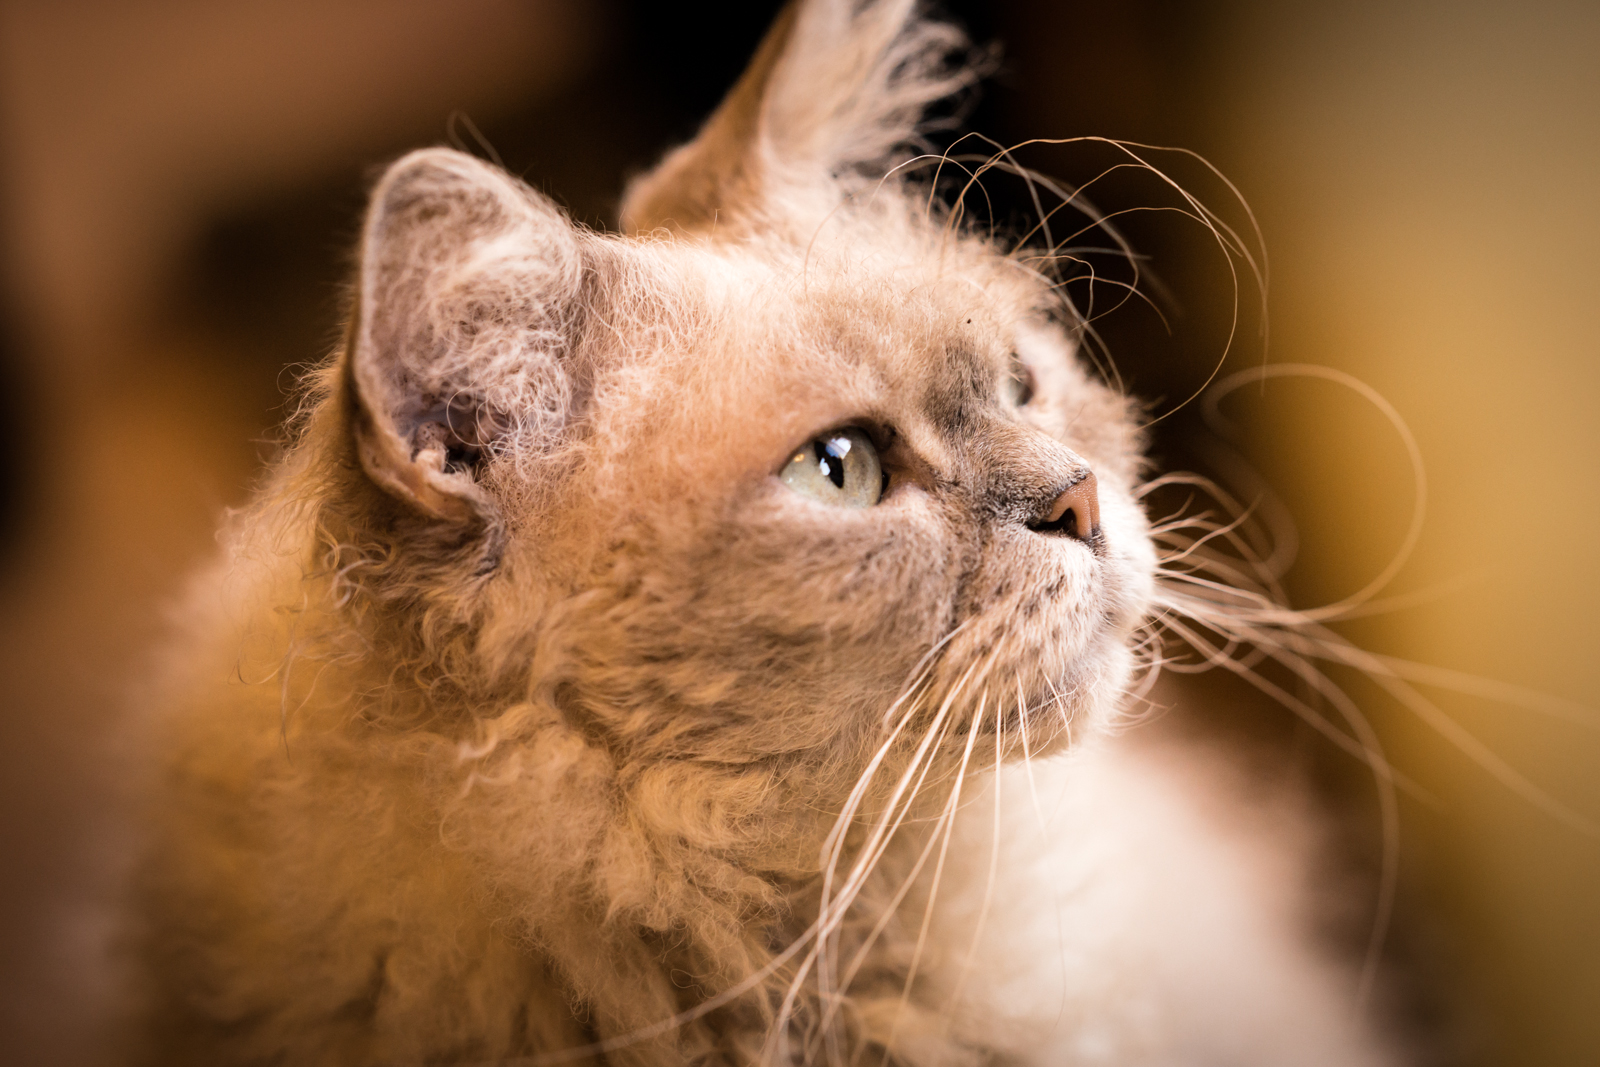 毛並みが可愛いラパーマの写真